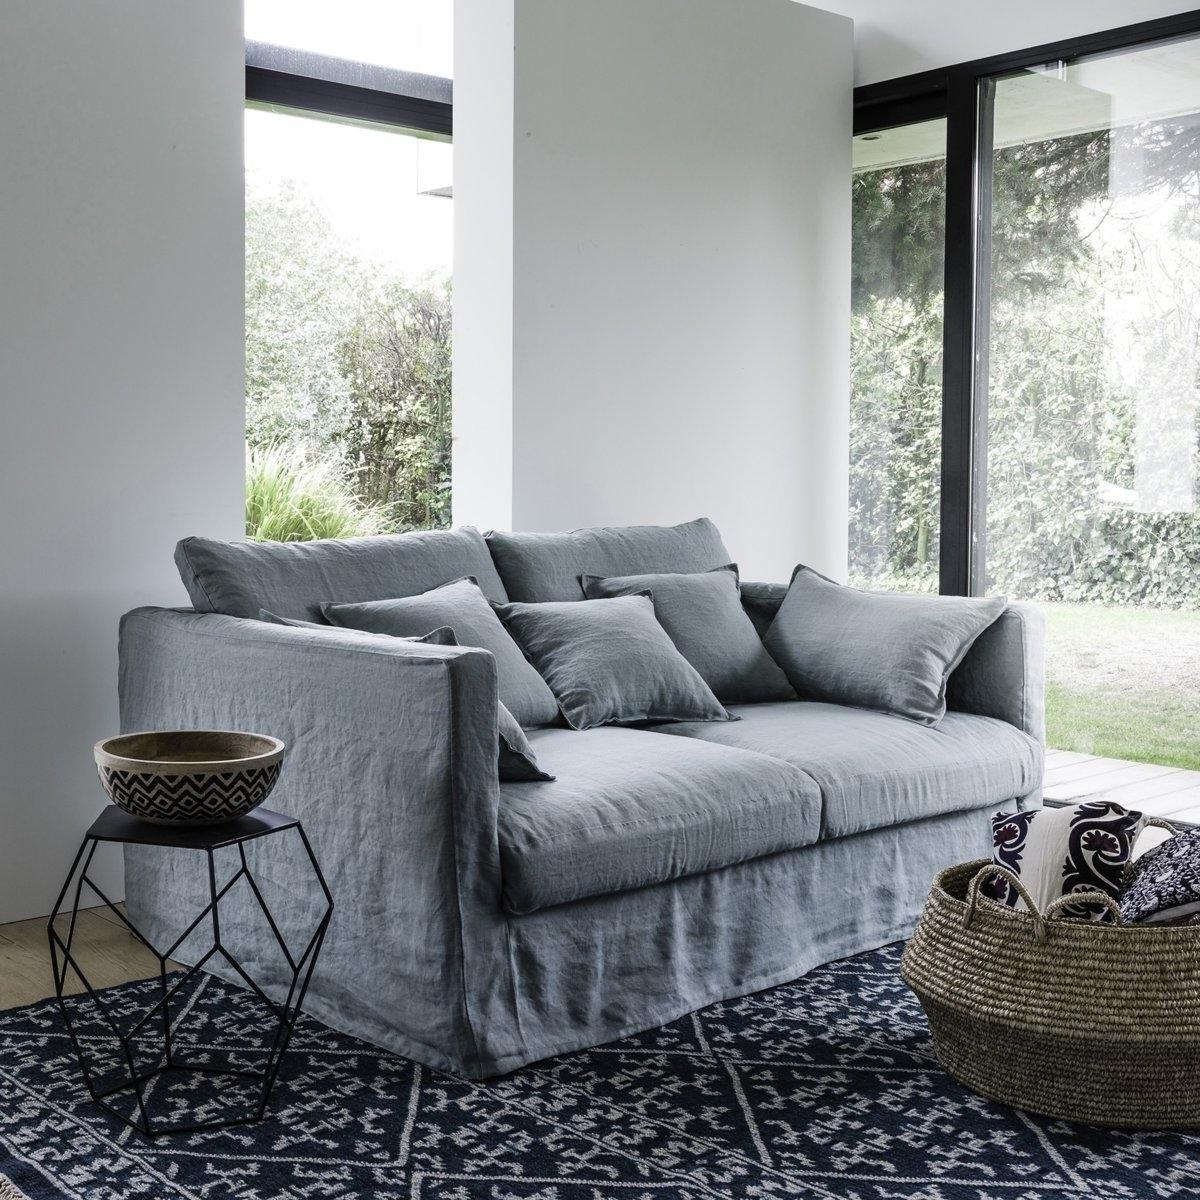 info pour b5da4 90486 Canapé convertible ampm - Maison et mobilier d'intérieur